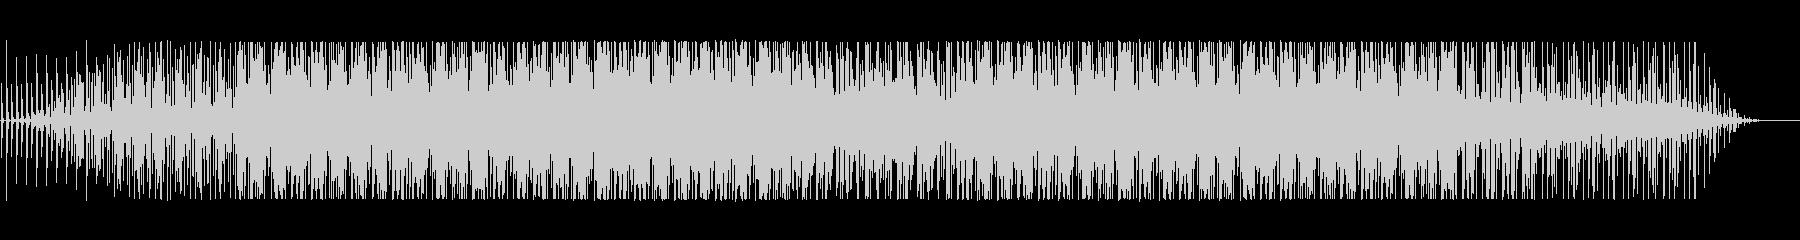 実験音楽的なスローな四つ打ちの未再生の波形